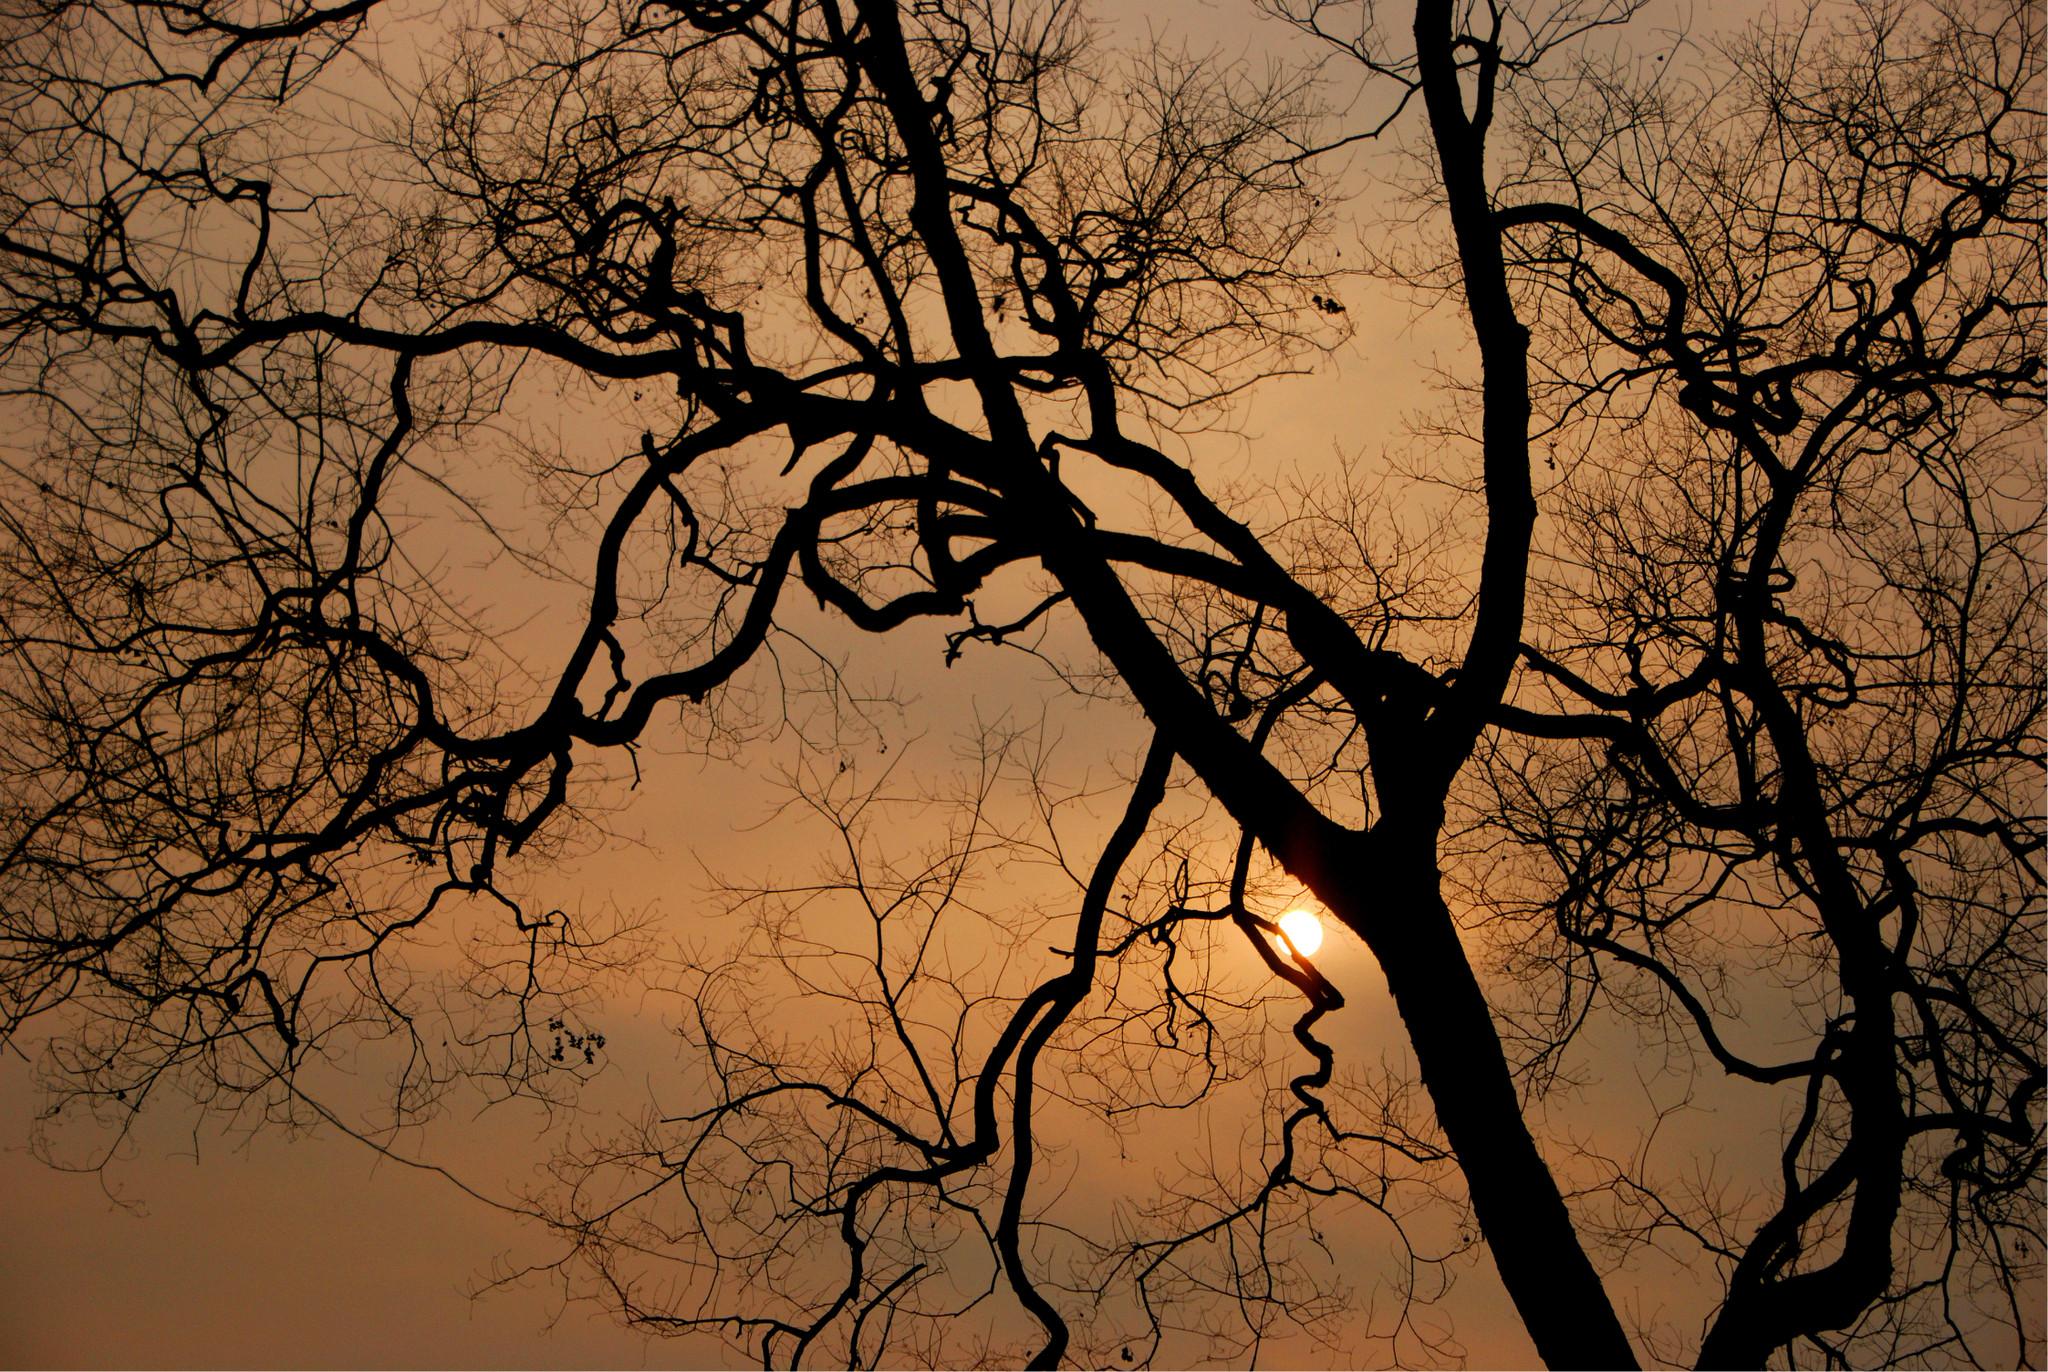 冬天的树影